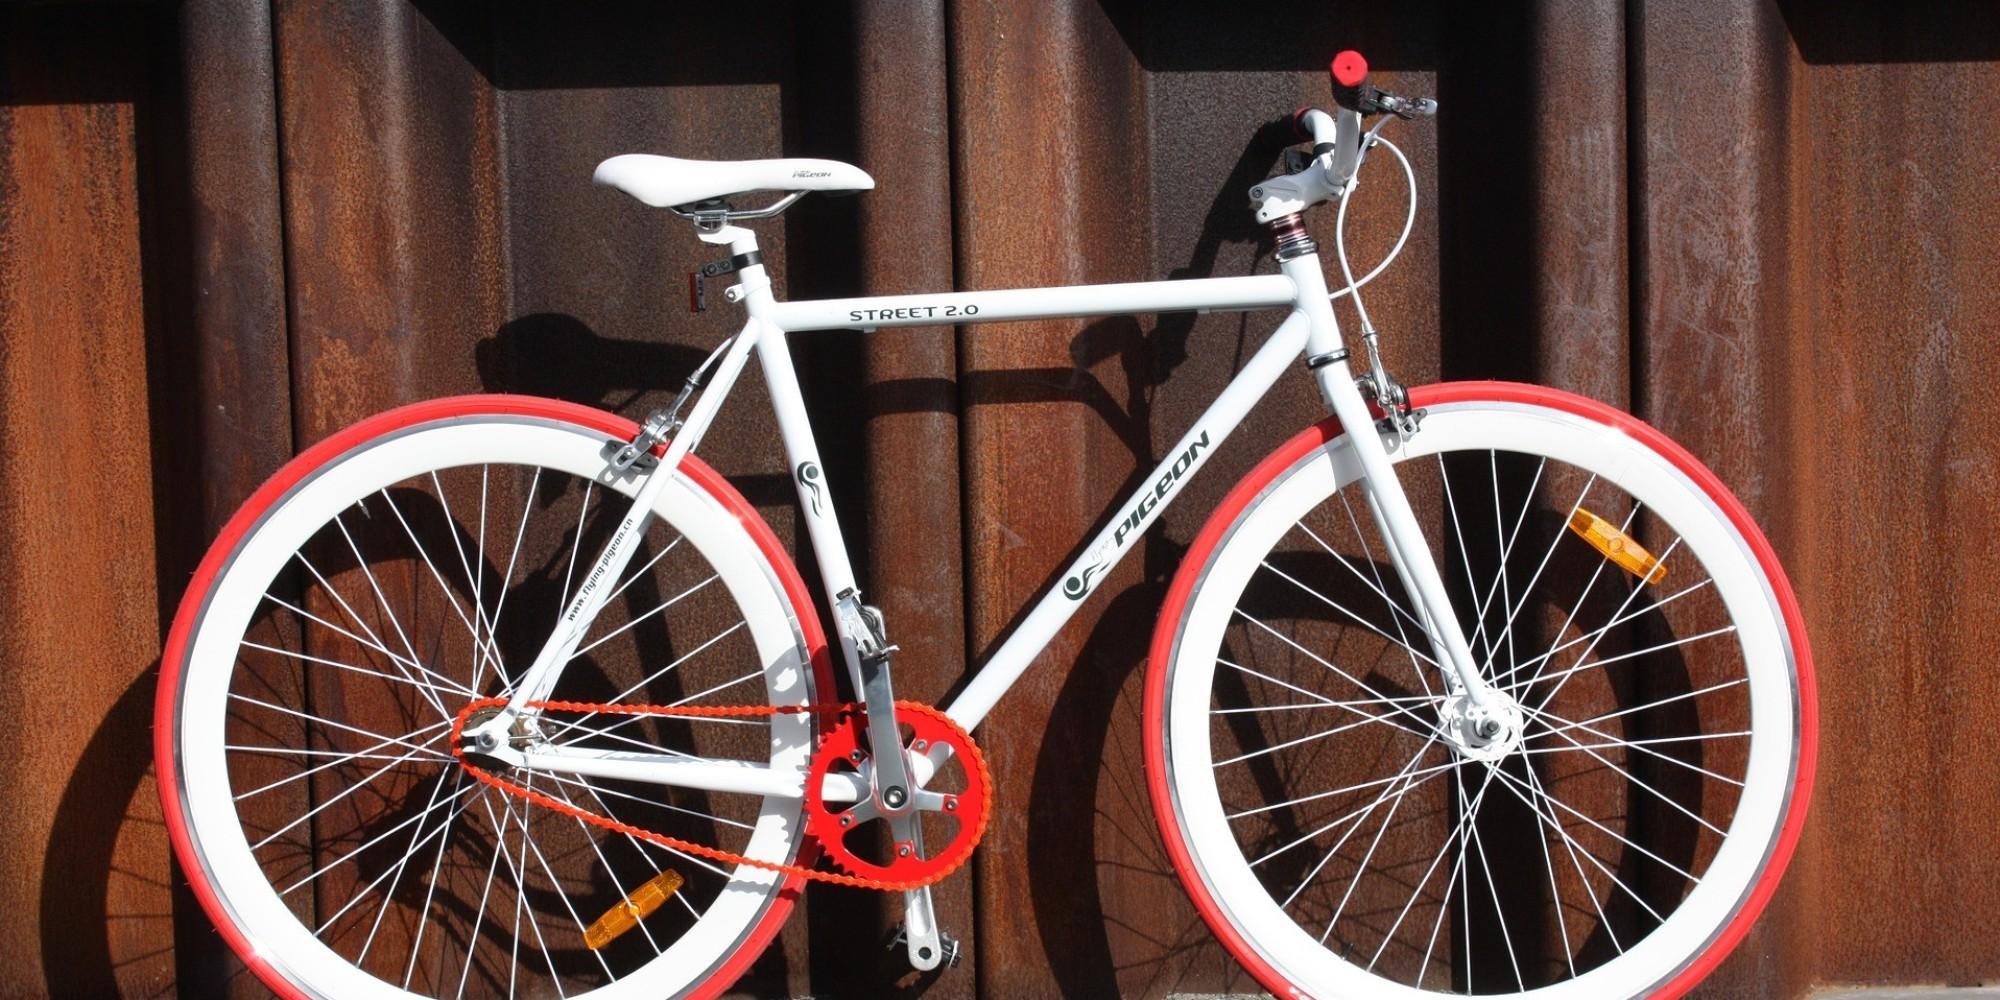 Trucos para que la bicicleta no sea un estorbo en la terraza for Como guardar la bici en un piso